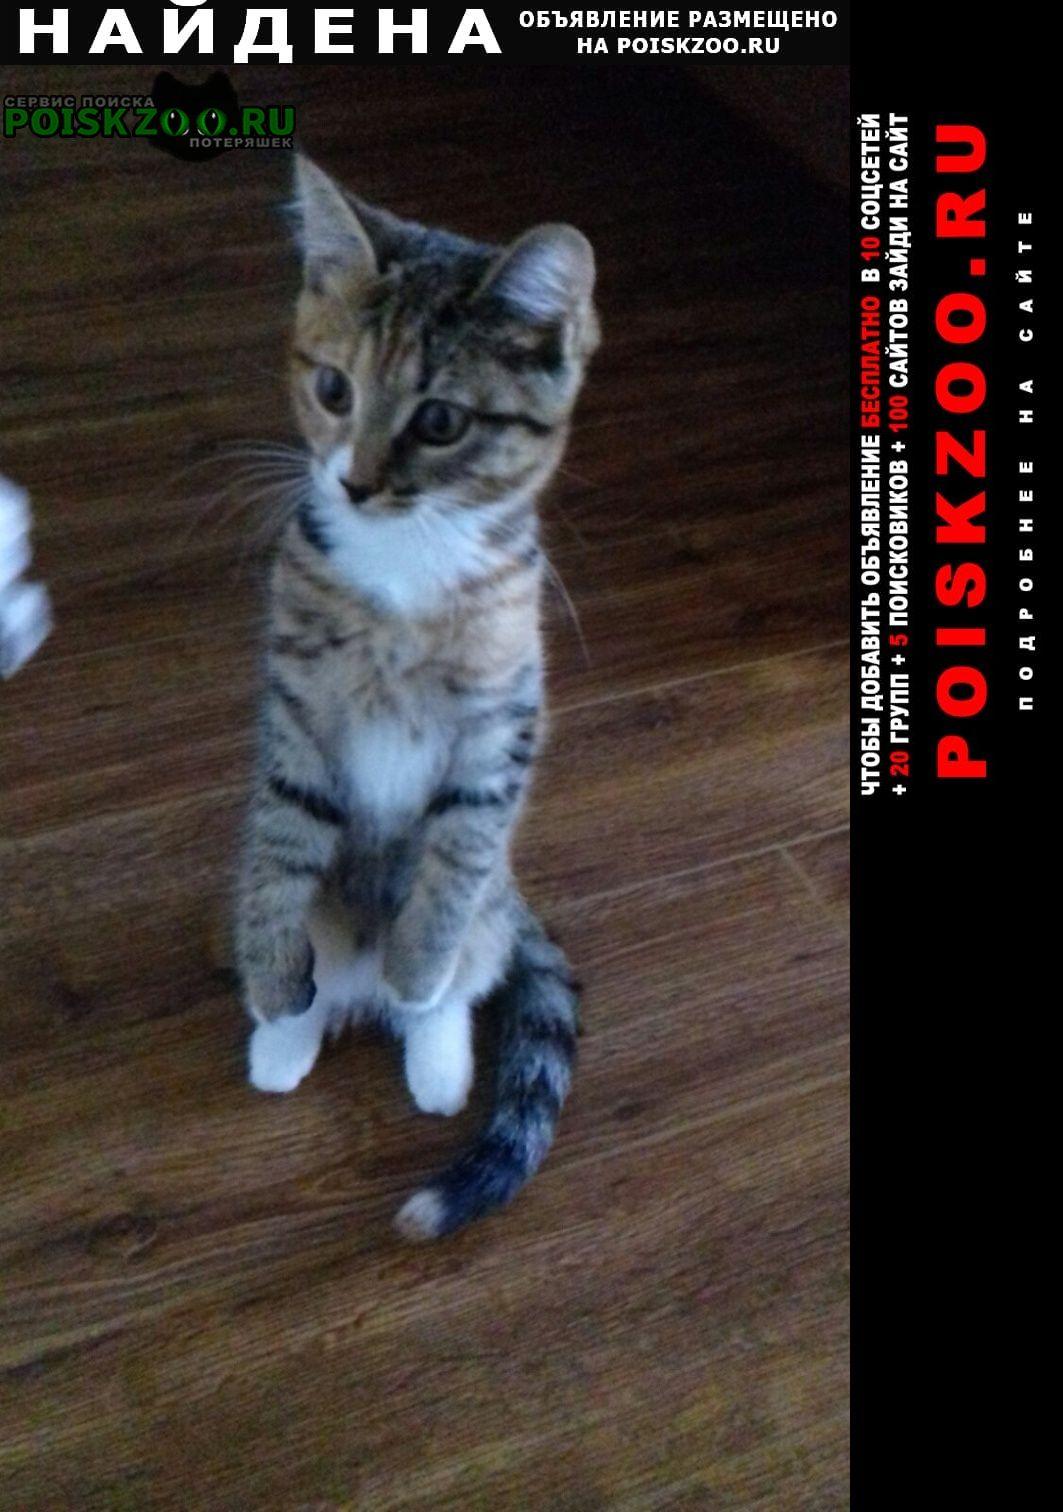 Найдена кошка котёнок. Люберцы